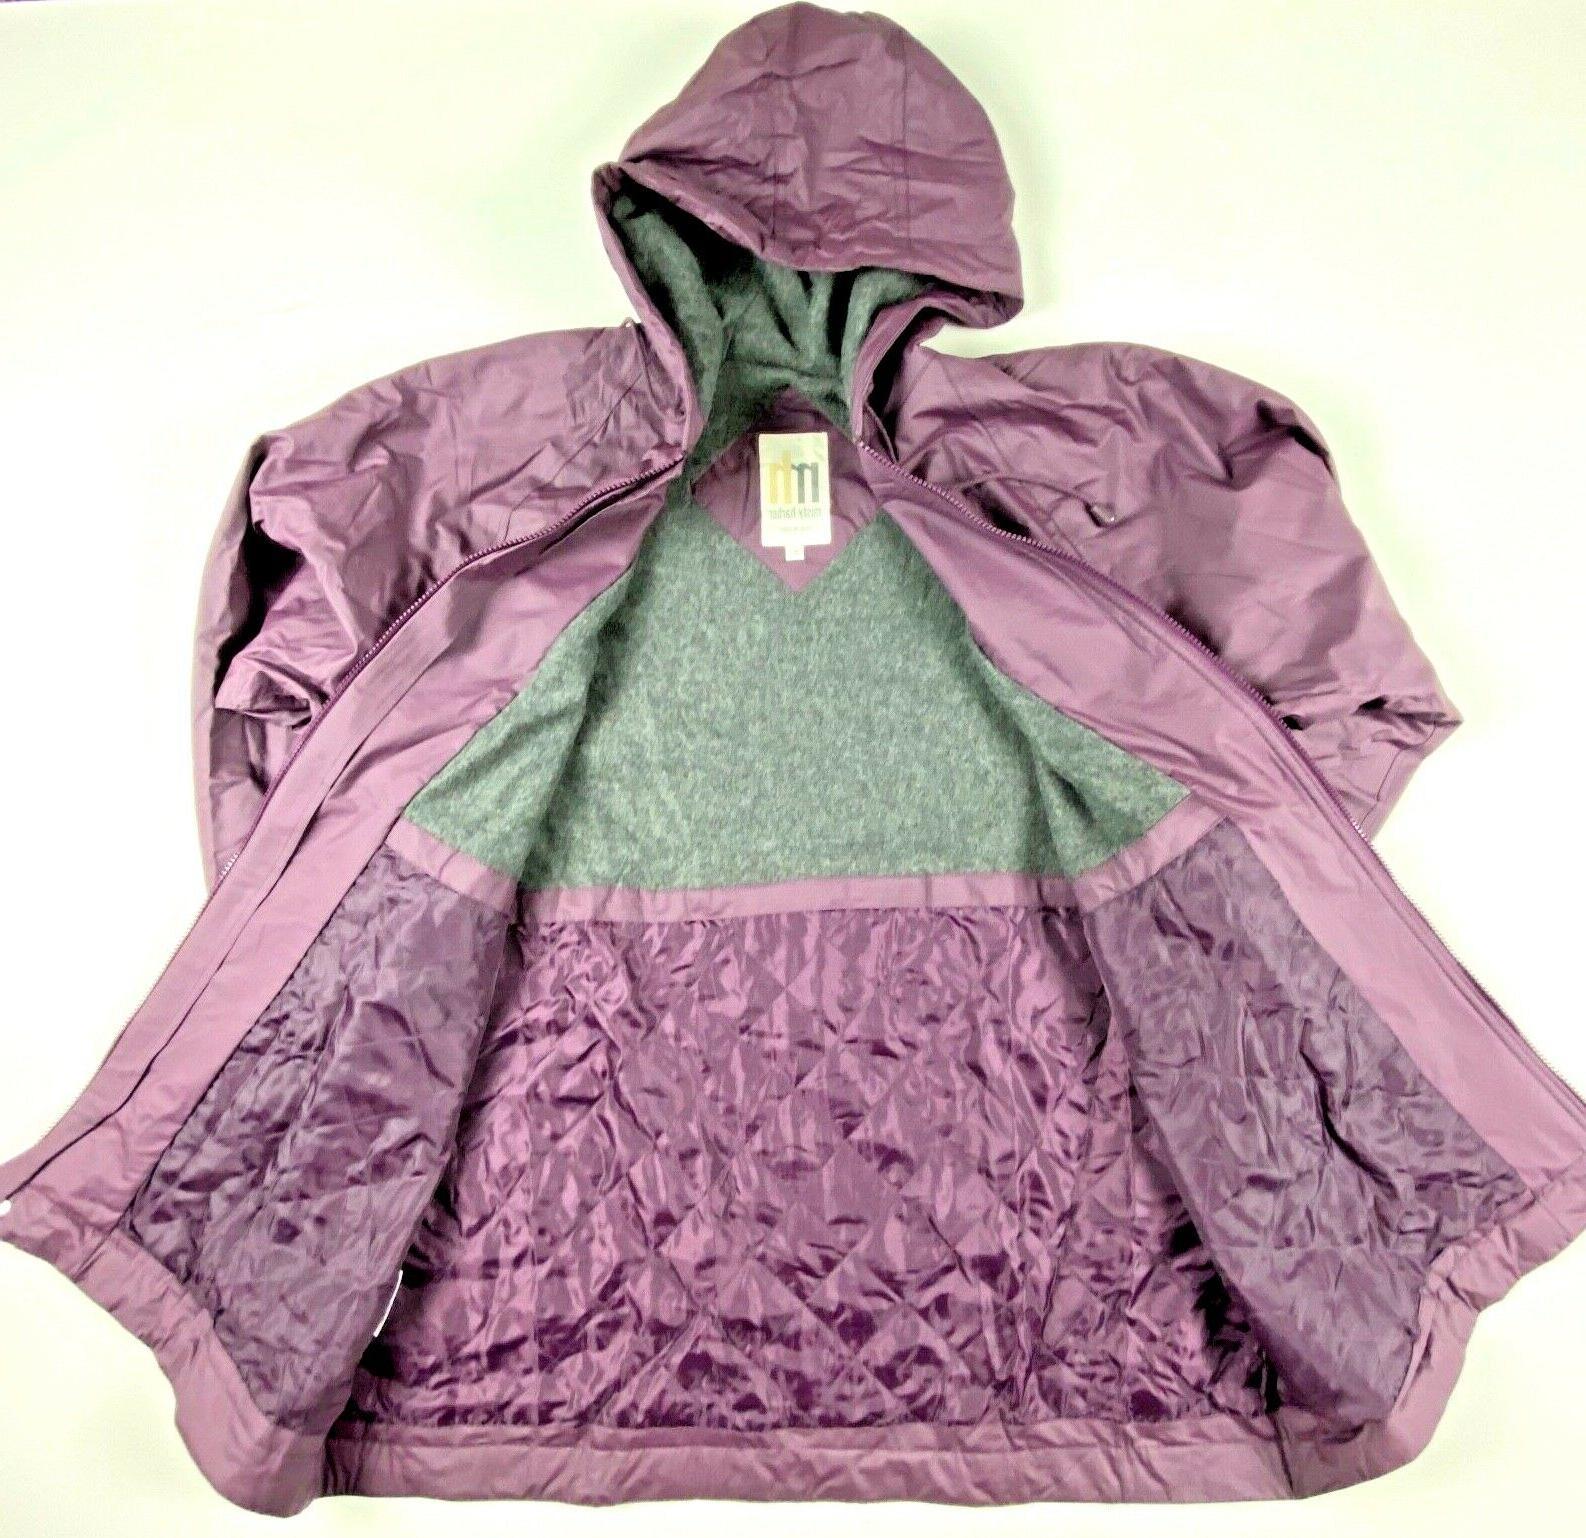 MISTY HARBOR Storm Rain Coat Jacket Lined Color Plum Women's Size Large NWOT